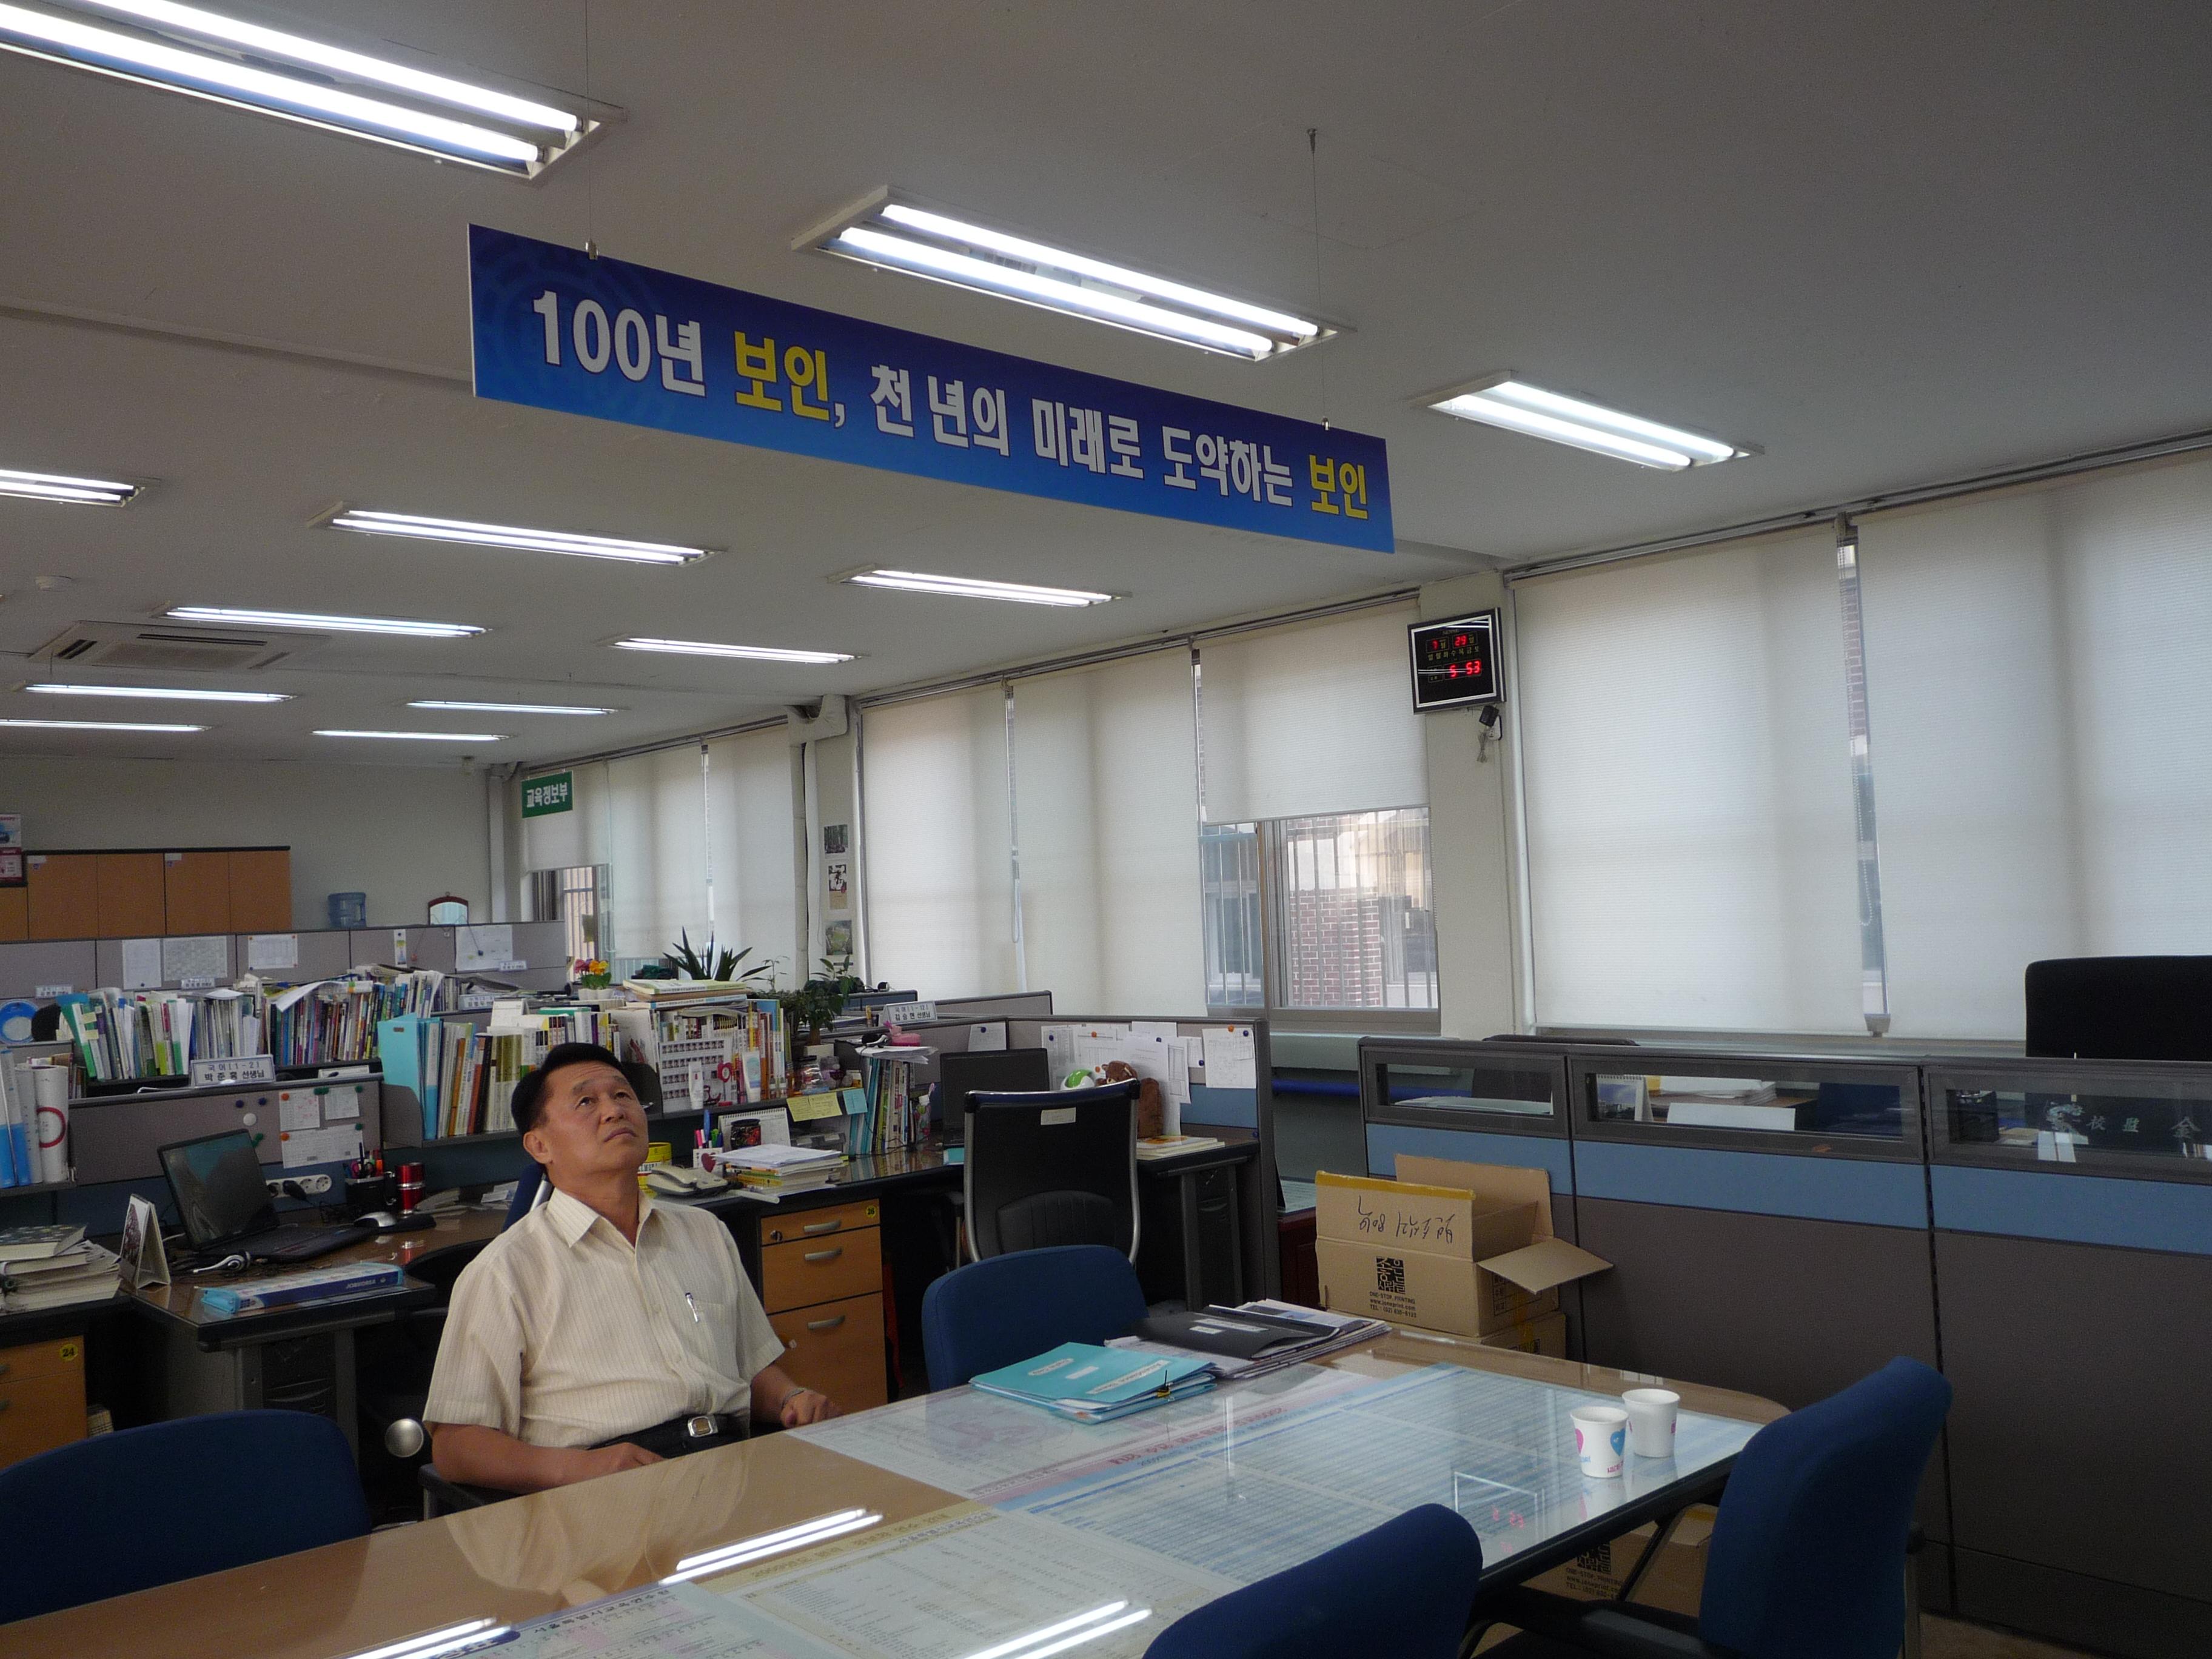 2009/07/24 교무실풍경 첨부이미지